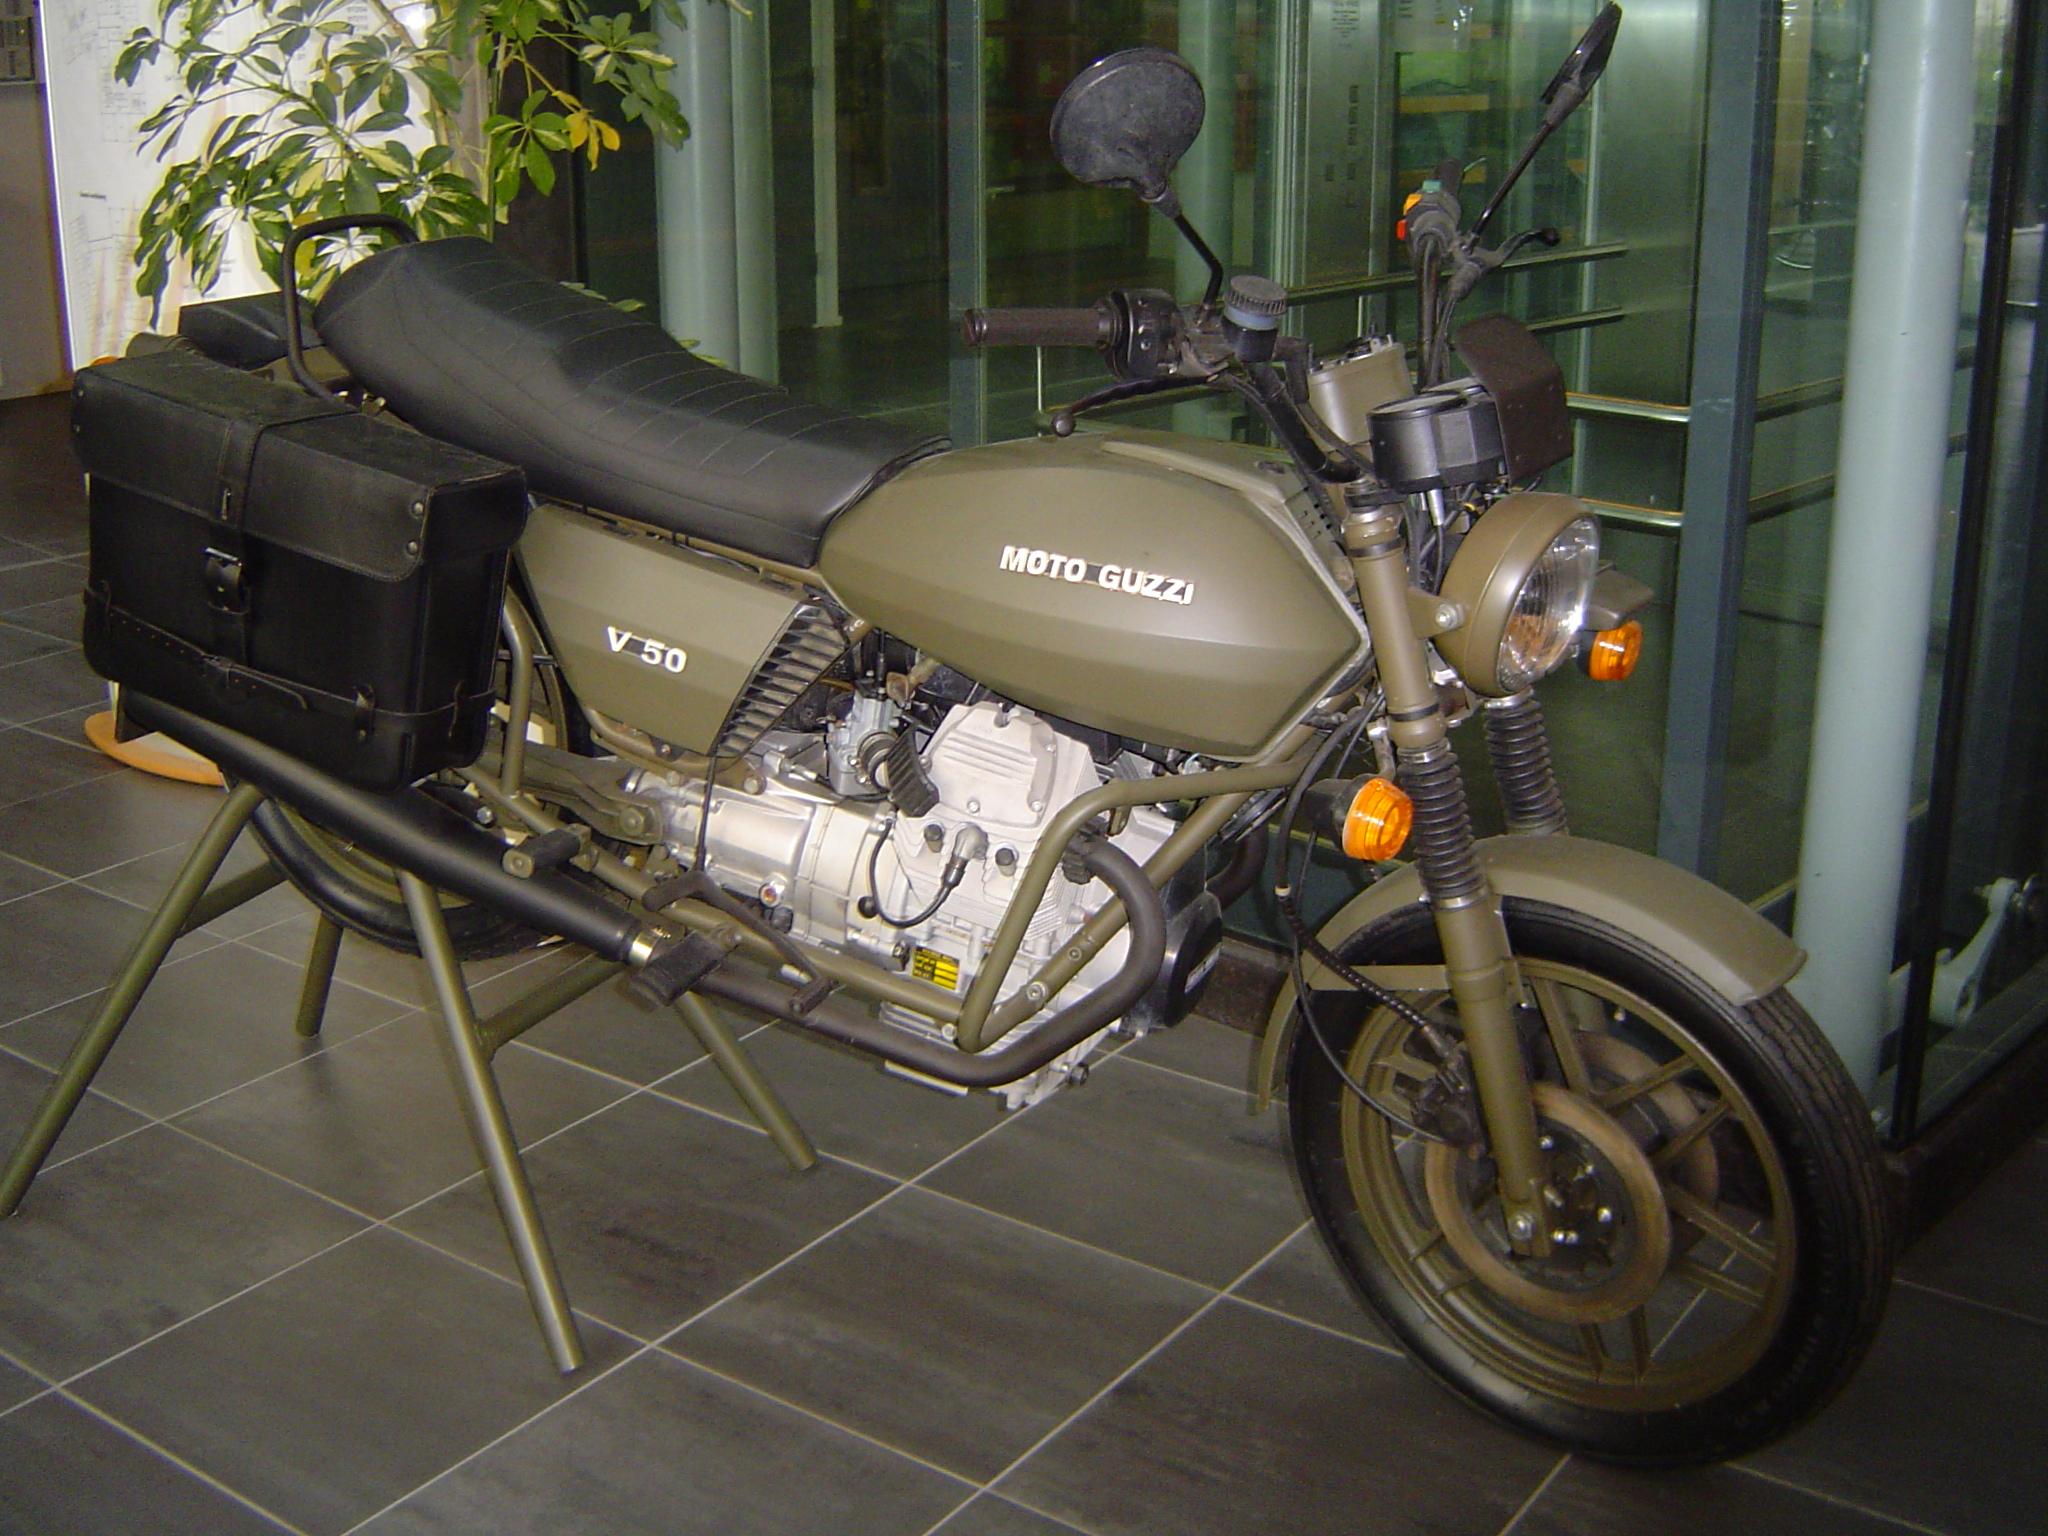 moto guzzi v50 outline